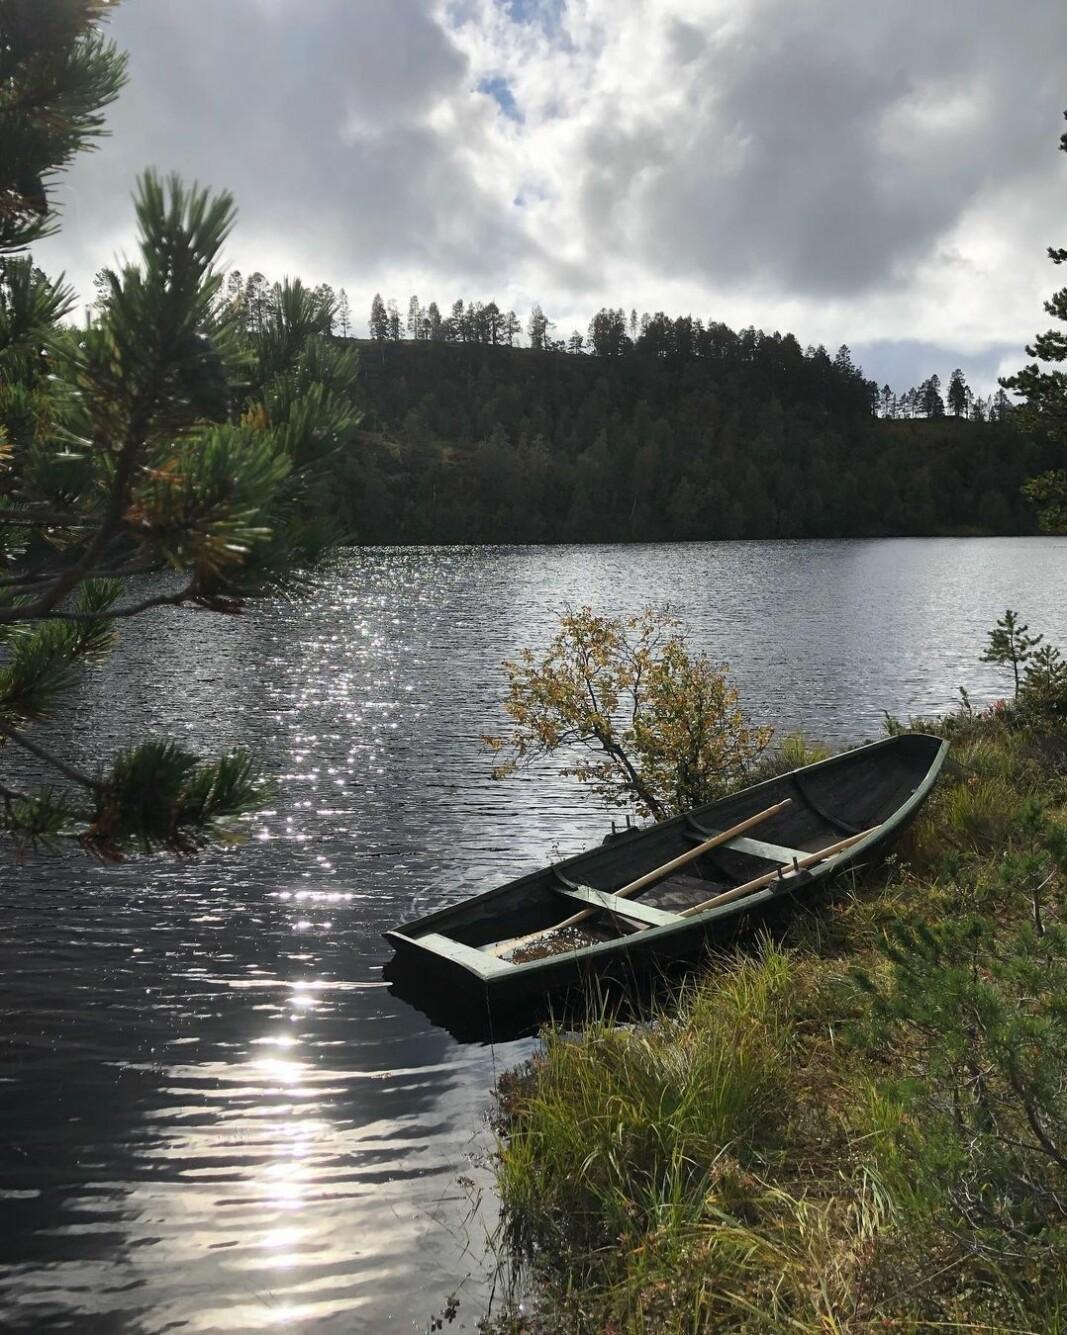 #langvatnet #nordmarka